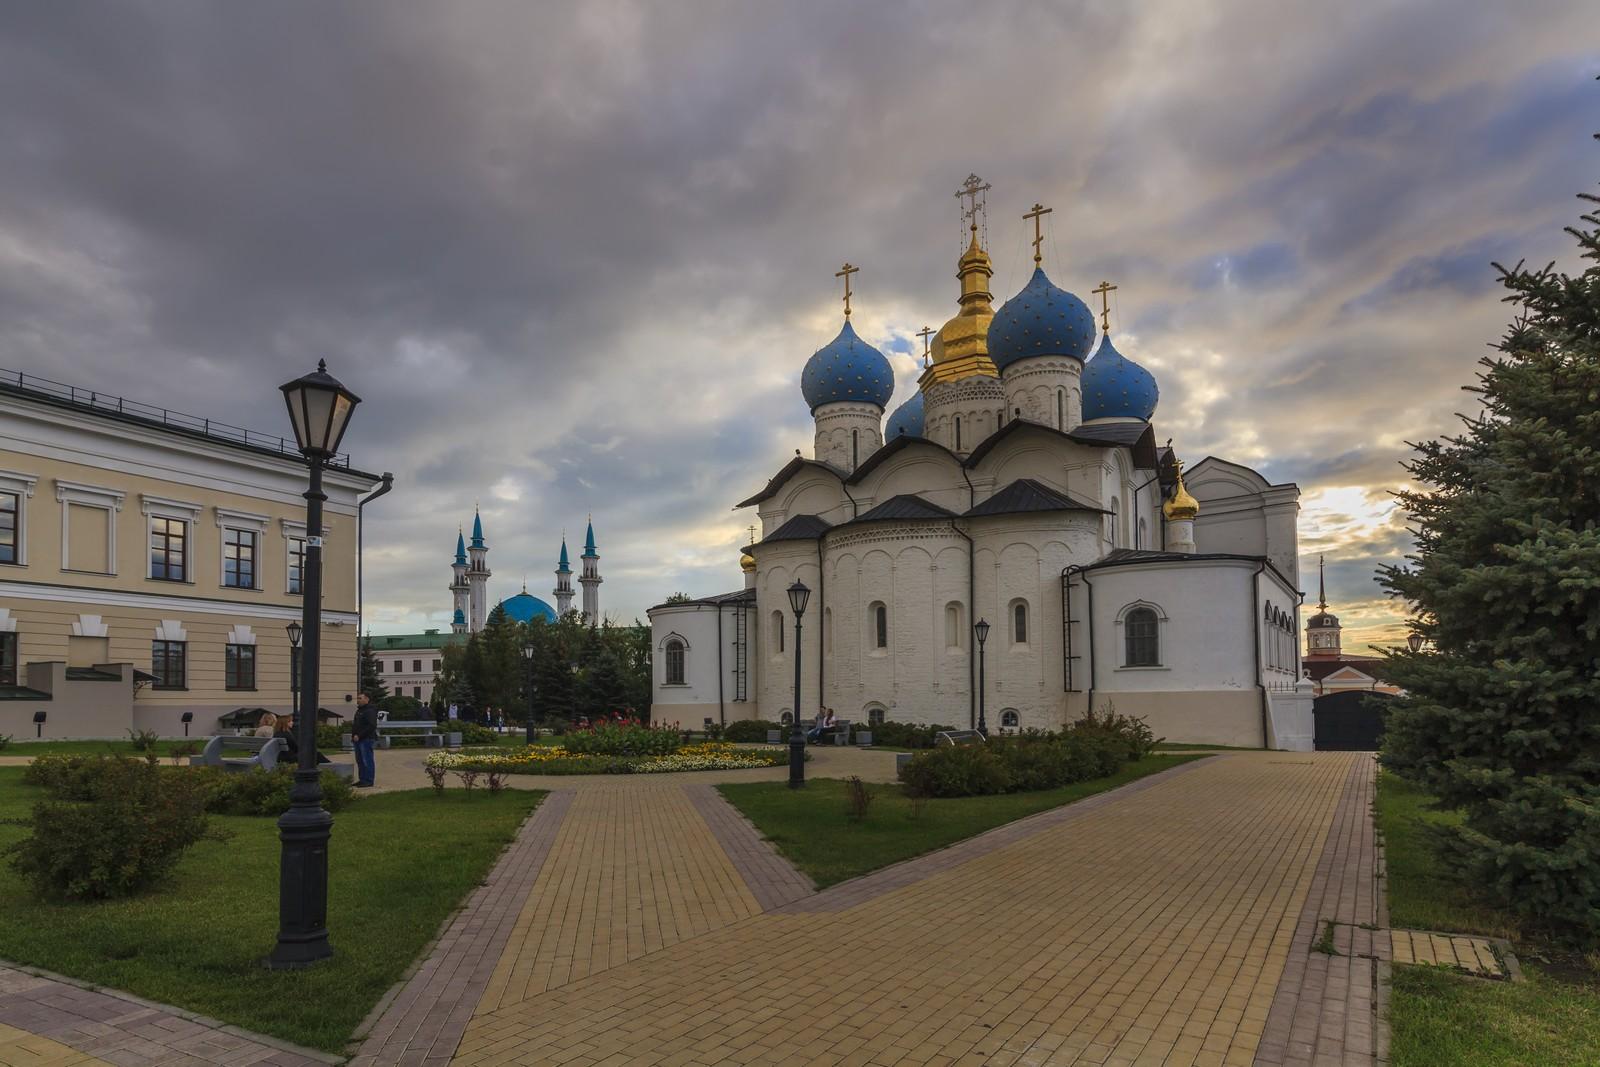 Благовещенский собор и мечеть Кул-Шариф в Казани